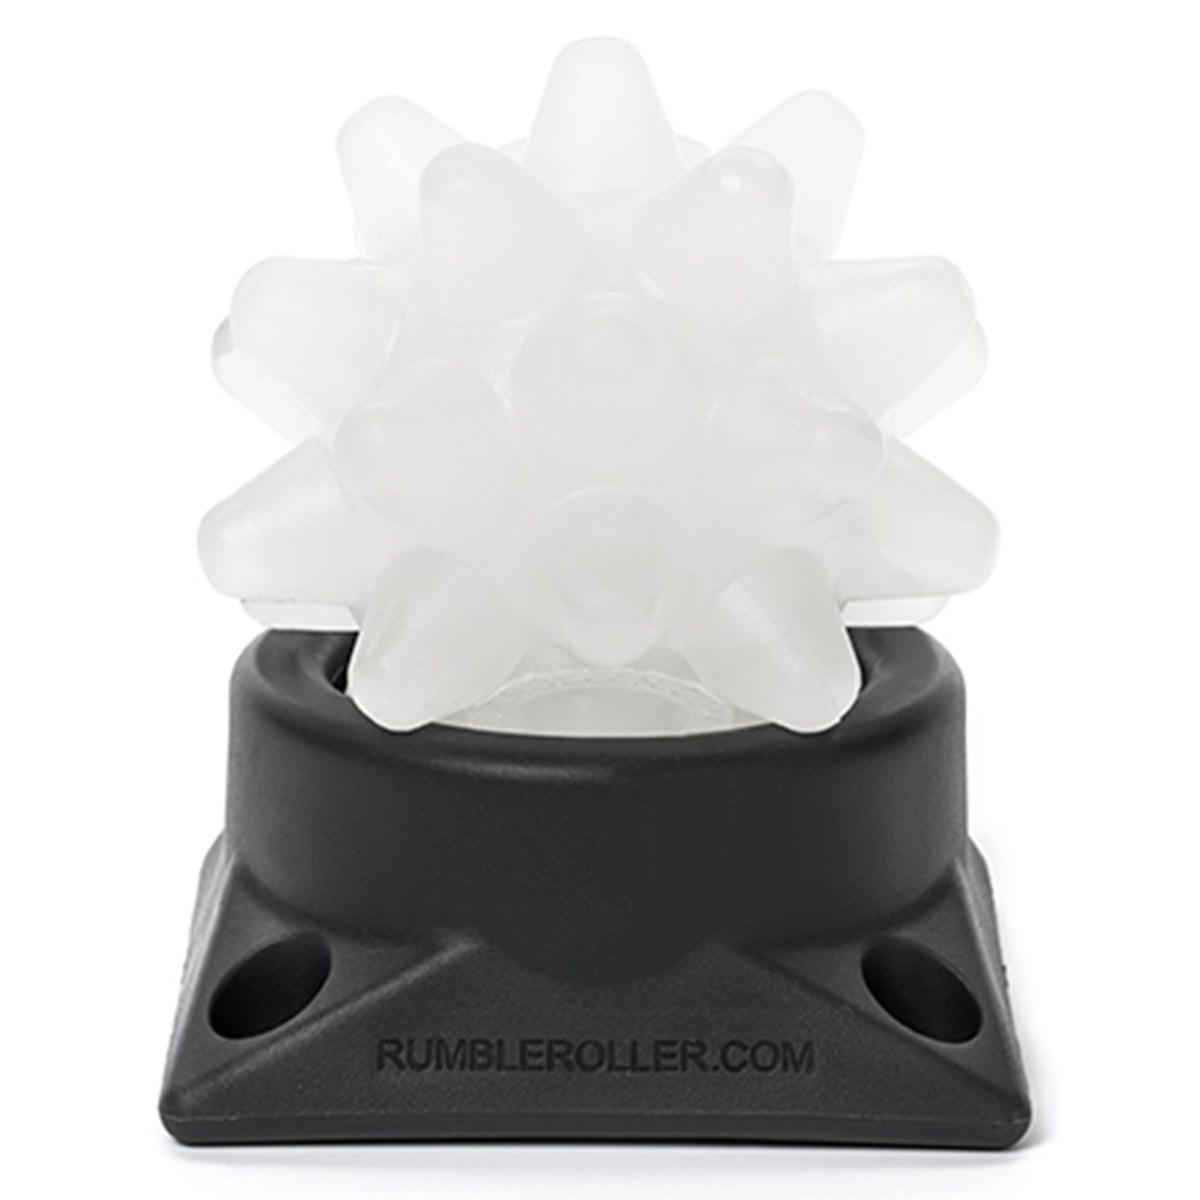 ランブルローラー ビースティ ボール ソフト(ホワイト+クリア) ※ベース付き ホワイト/クリア